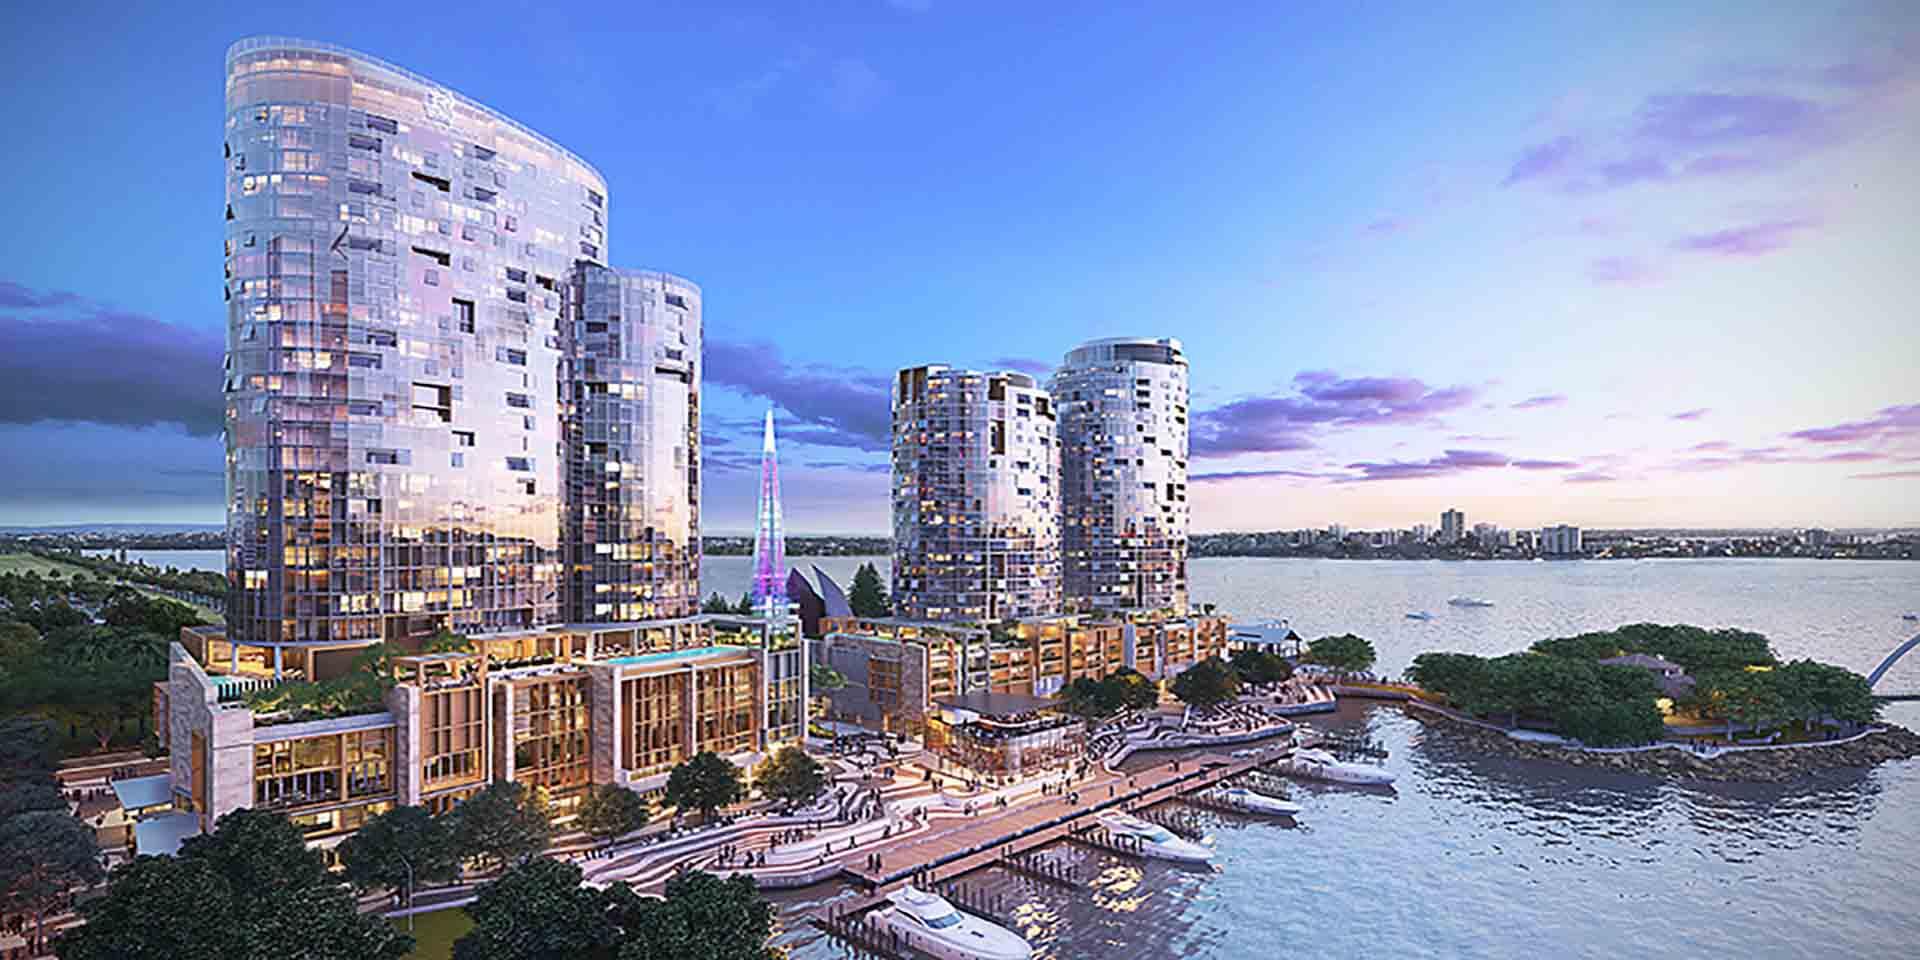 Marriott-koncernen åbner i år 30 nye hoteller indenfor sine øverste varemærker, her det kommende Ritz Carlton i australske Perth, hovedstad i delstaten Western Australia. Illustration: Marriott.